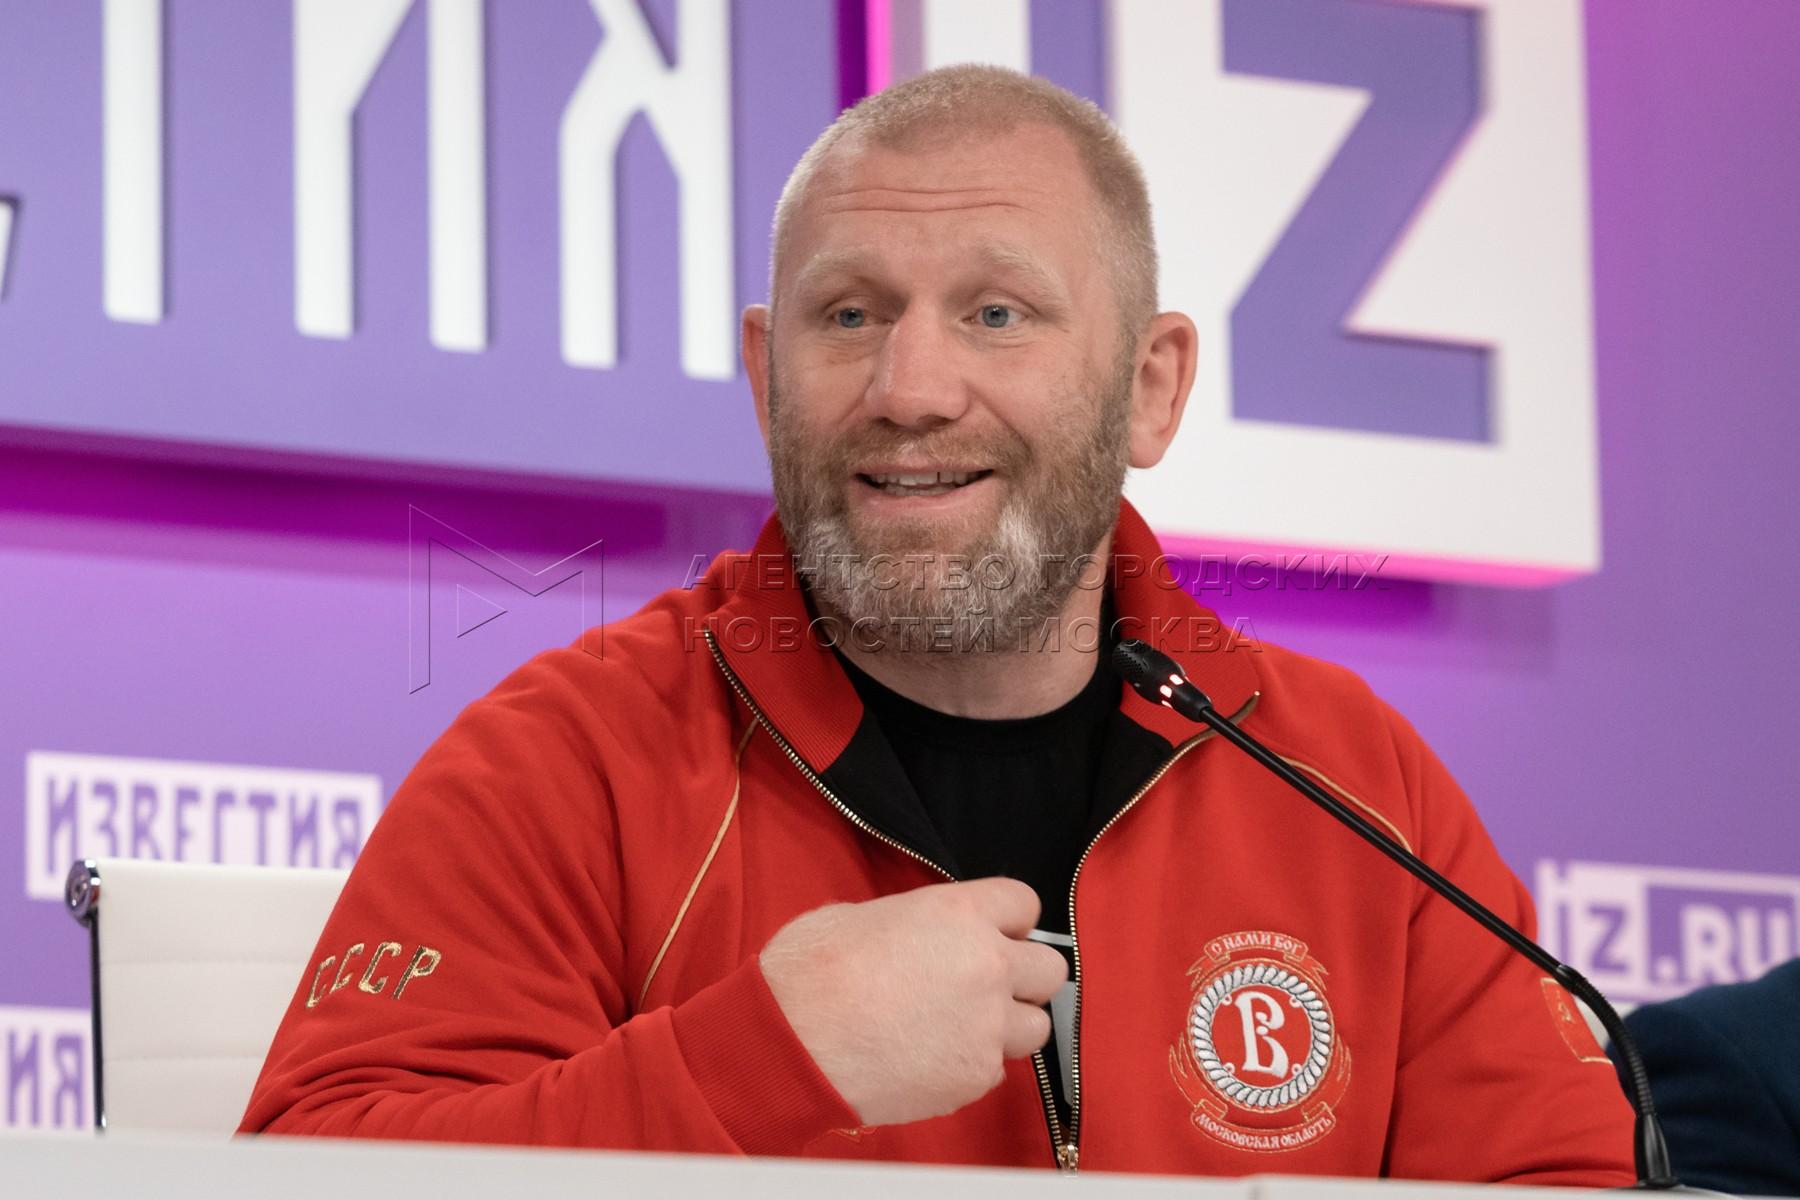 Боец ММА Сергей Харитонов во время пресс-конференции о причинах конфликта с Адамом Яндиевым, ходе расследования дела и дальнейших планах.